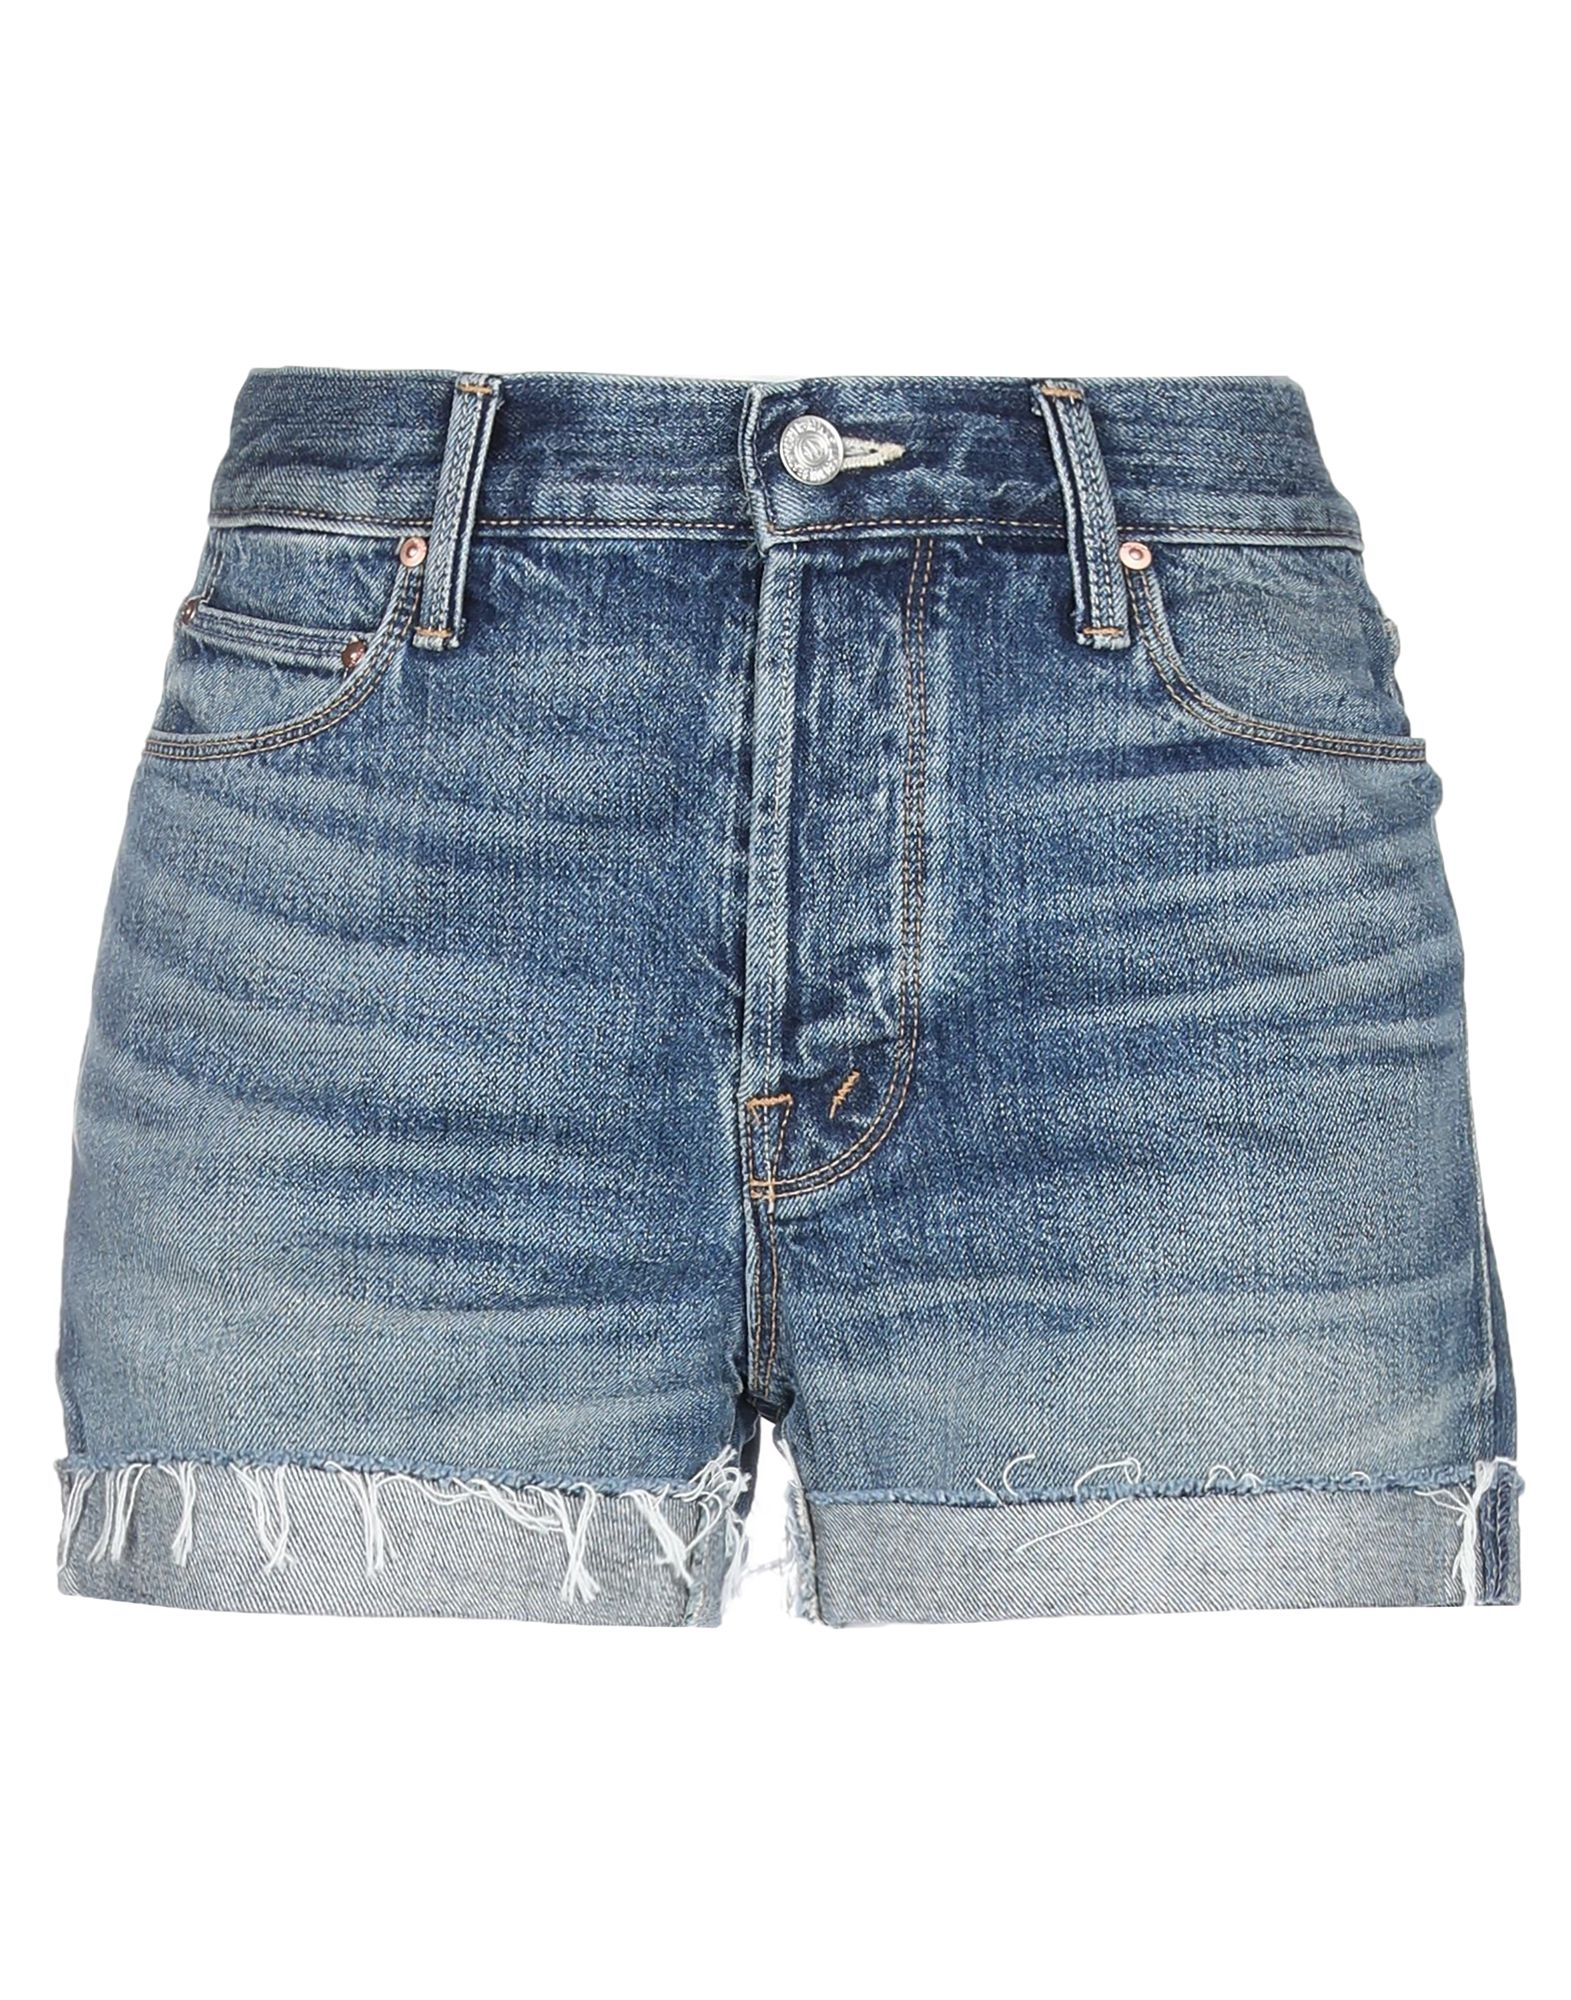 Фото - MOTHER Джинсовые шорты please джинсовые шорты